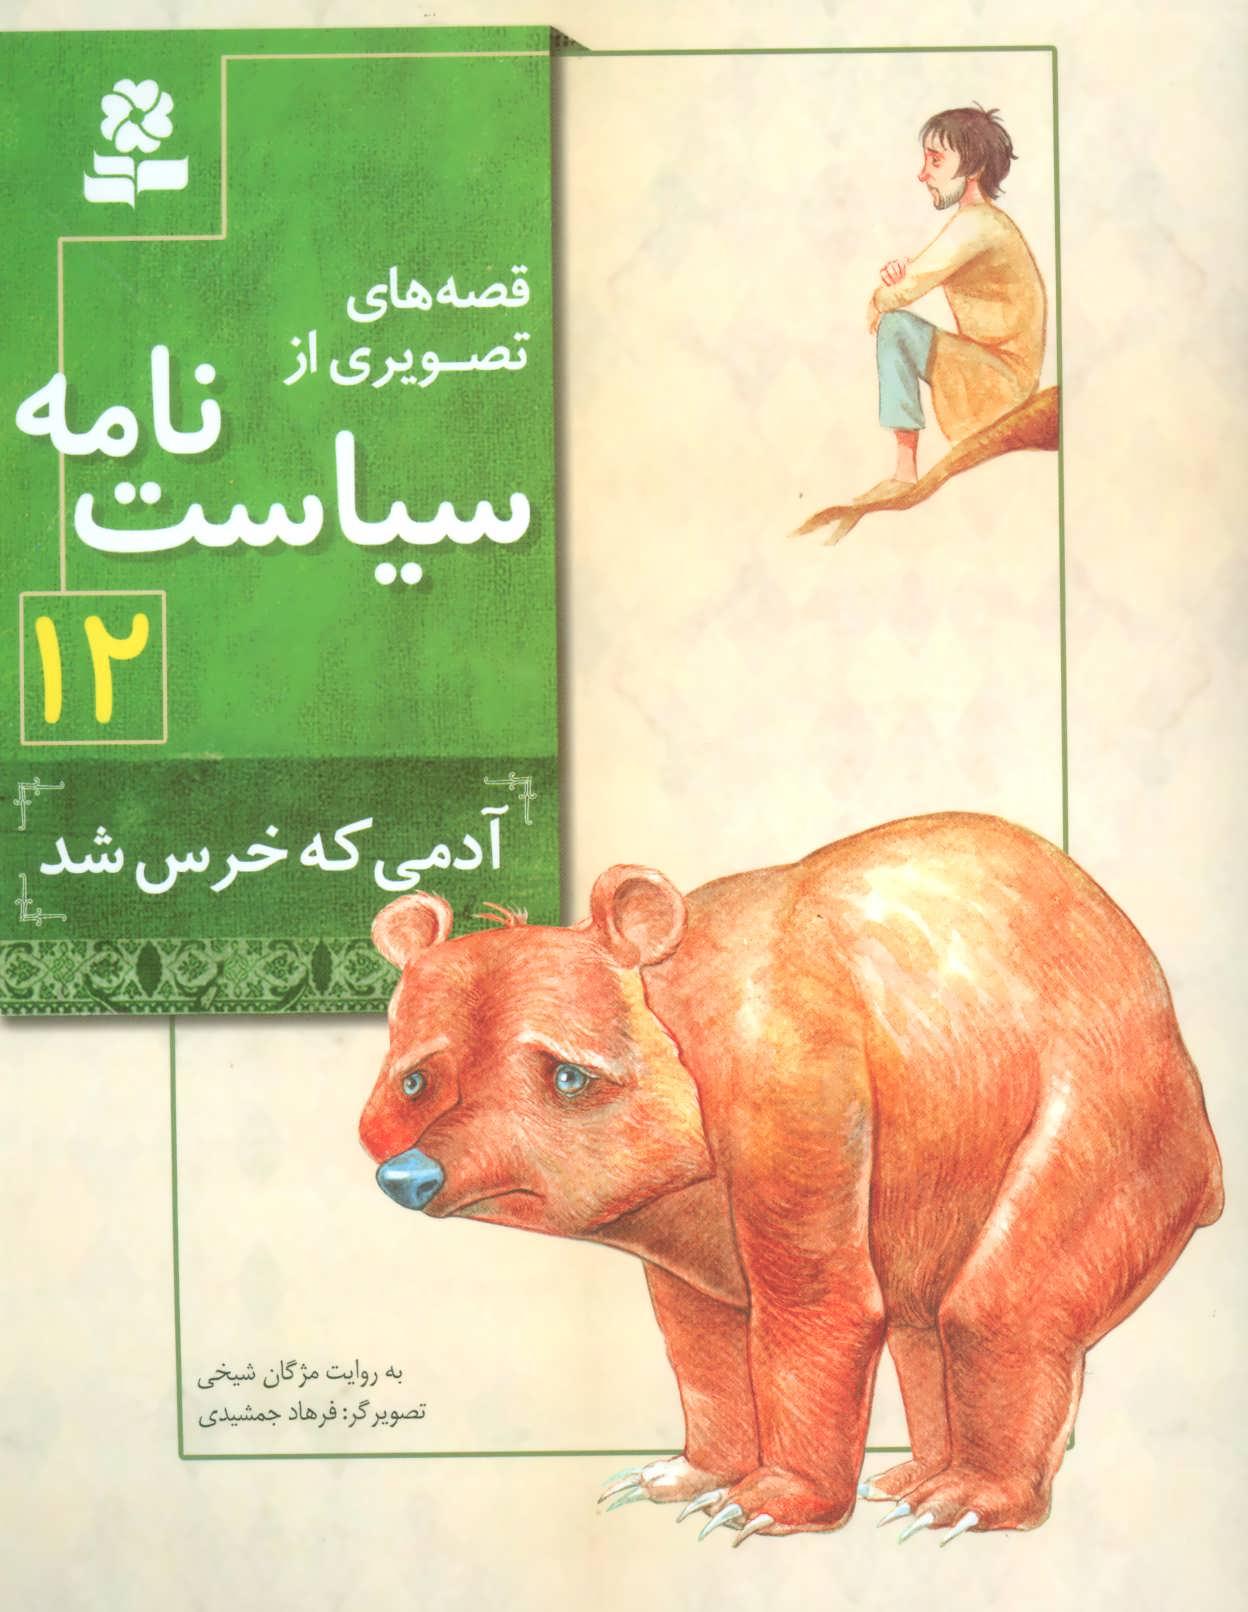 قصه های تصویری از سیاست نامه12 (آدمی که خرس شد)،(گلاسه)